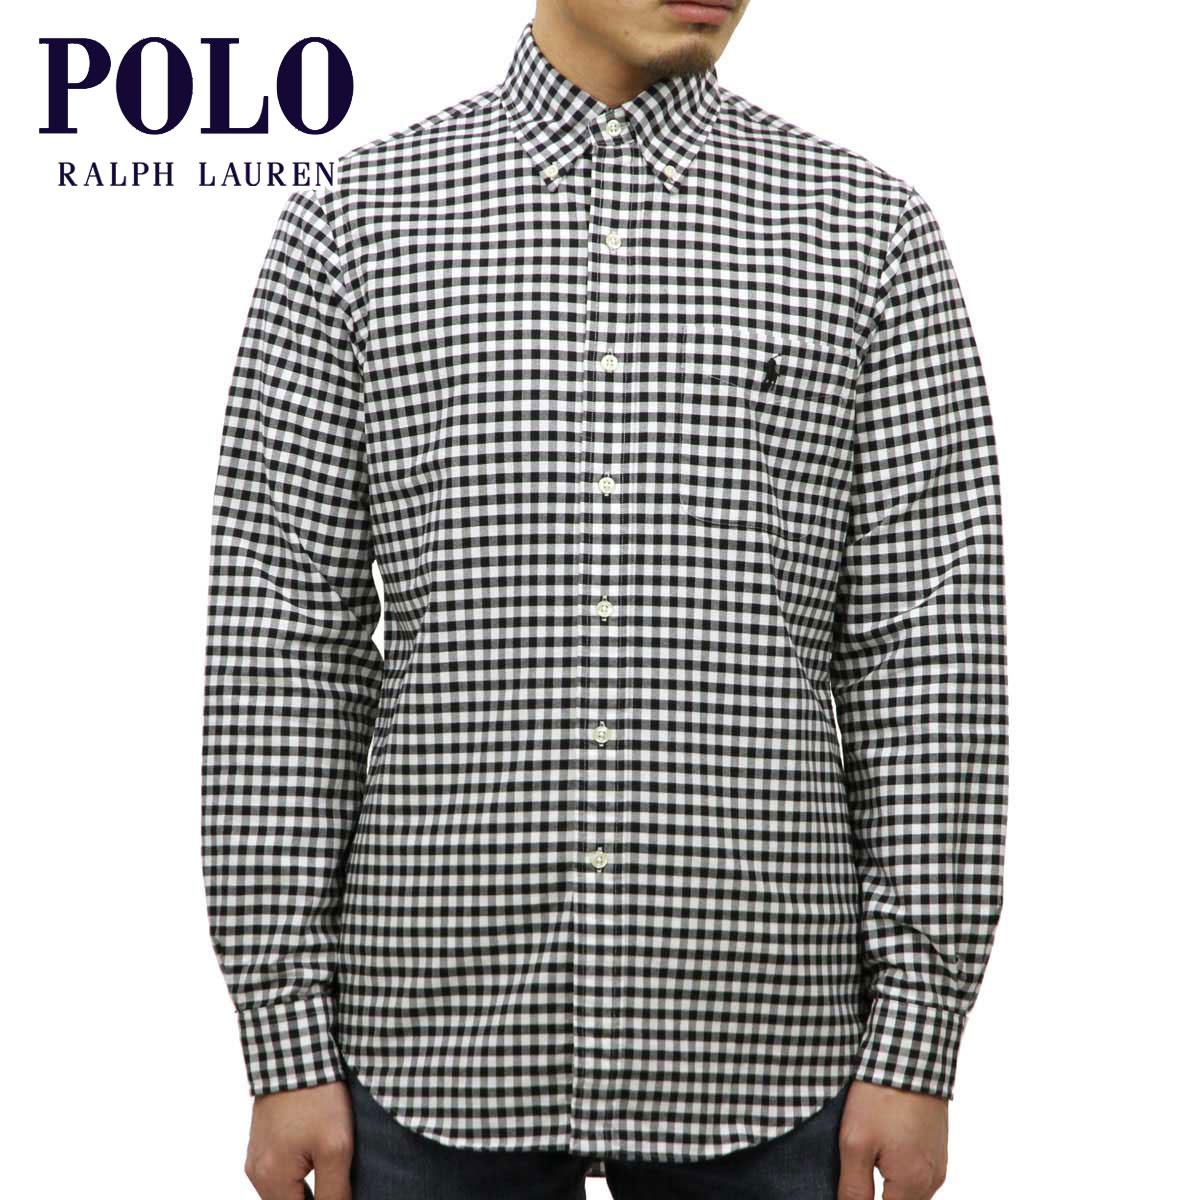 ポロ ラルフローレン POLO RALPH LAUREN 正規品 メンズ 長袖ボタンダウンシャツ BUTTON DOWN GINGHAM CHECK SHIRTS